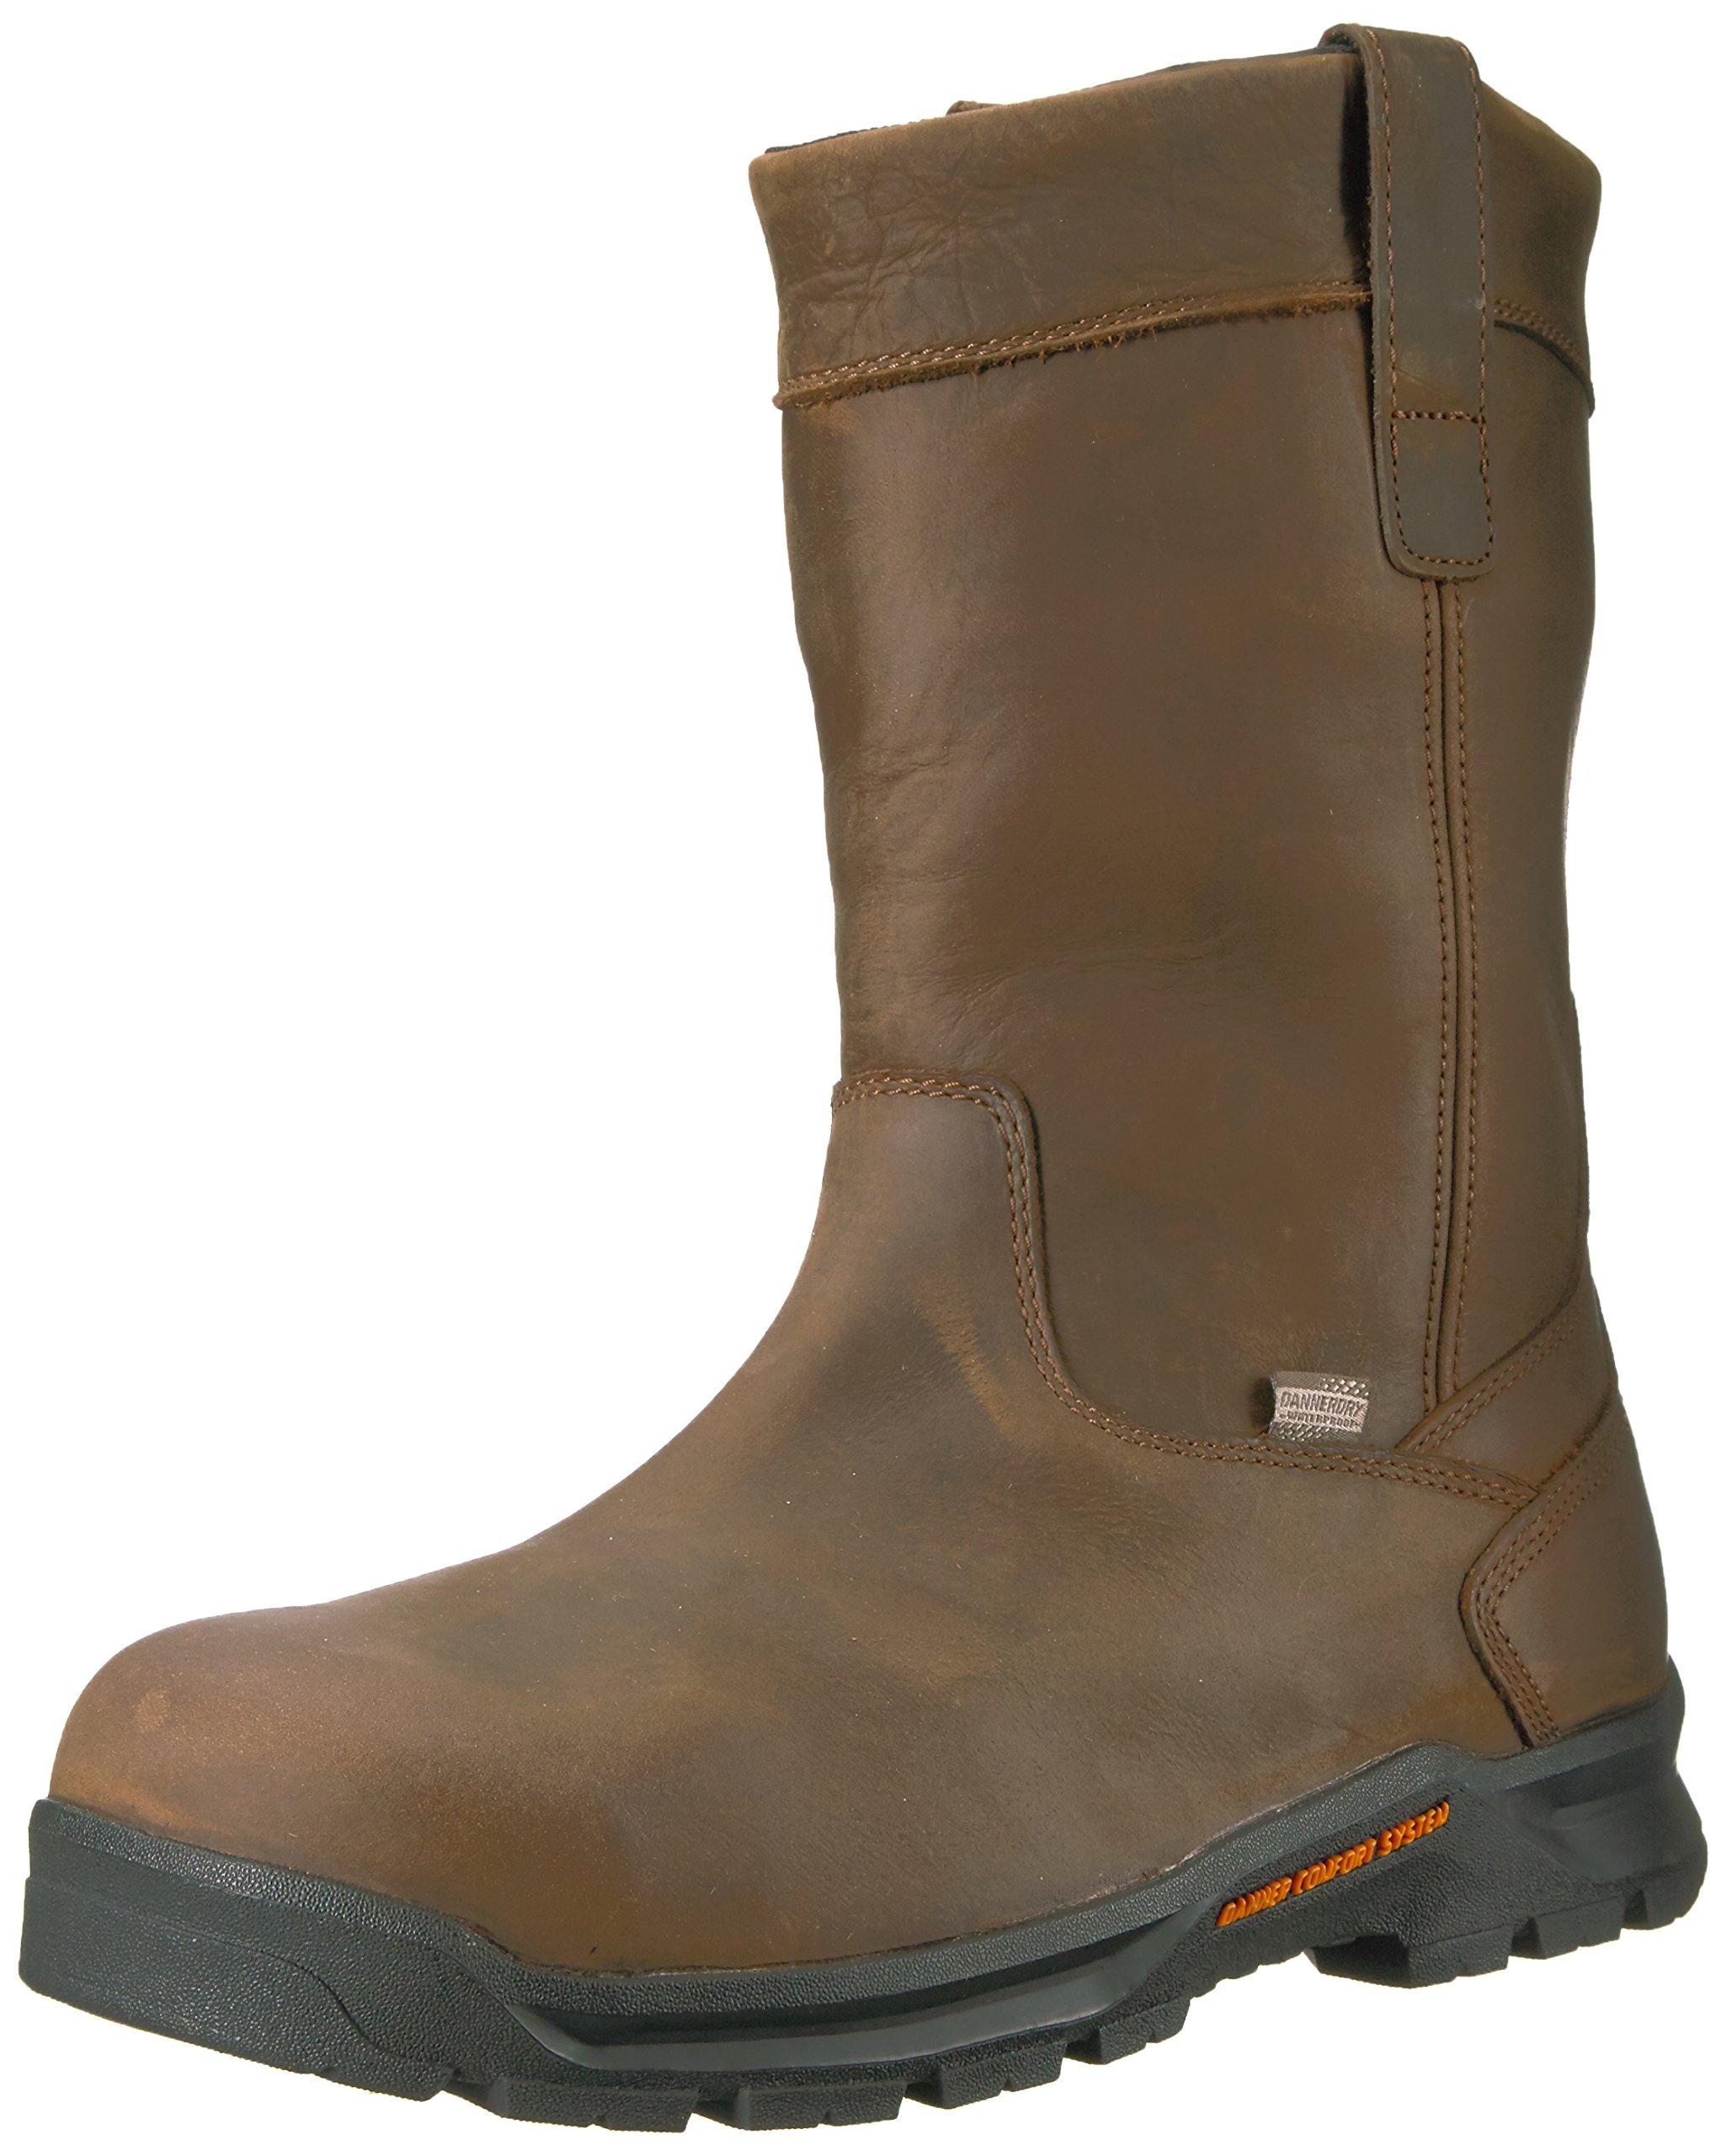 Danner Men's Crafter Wellington NMT Work Boot, Brown, 12 D US